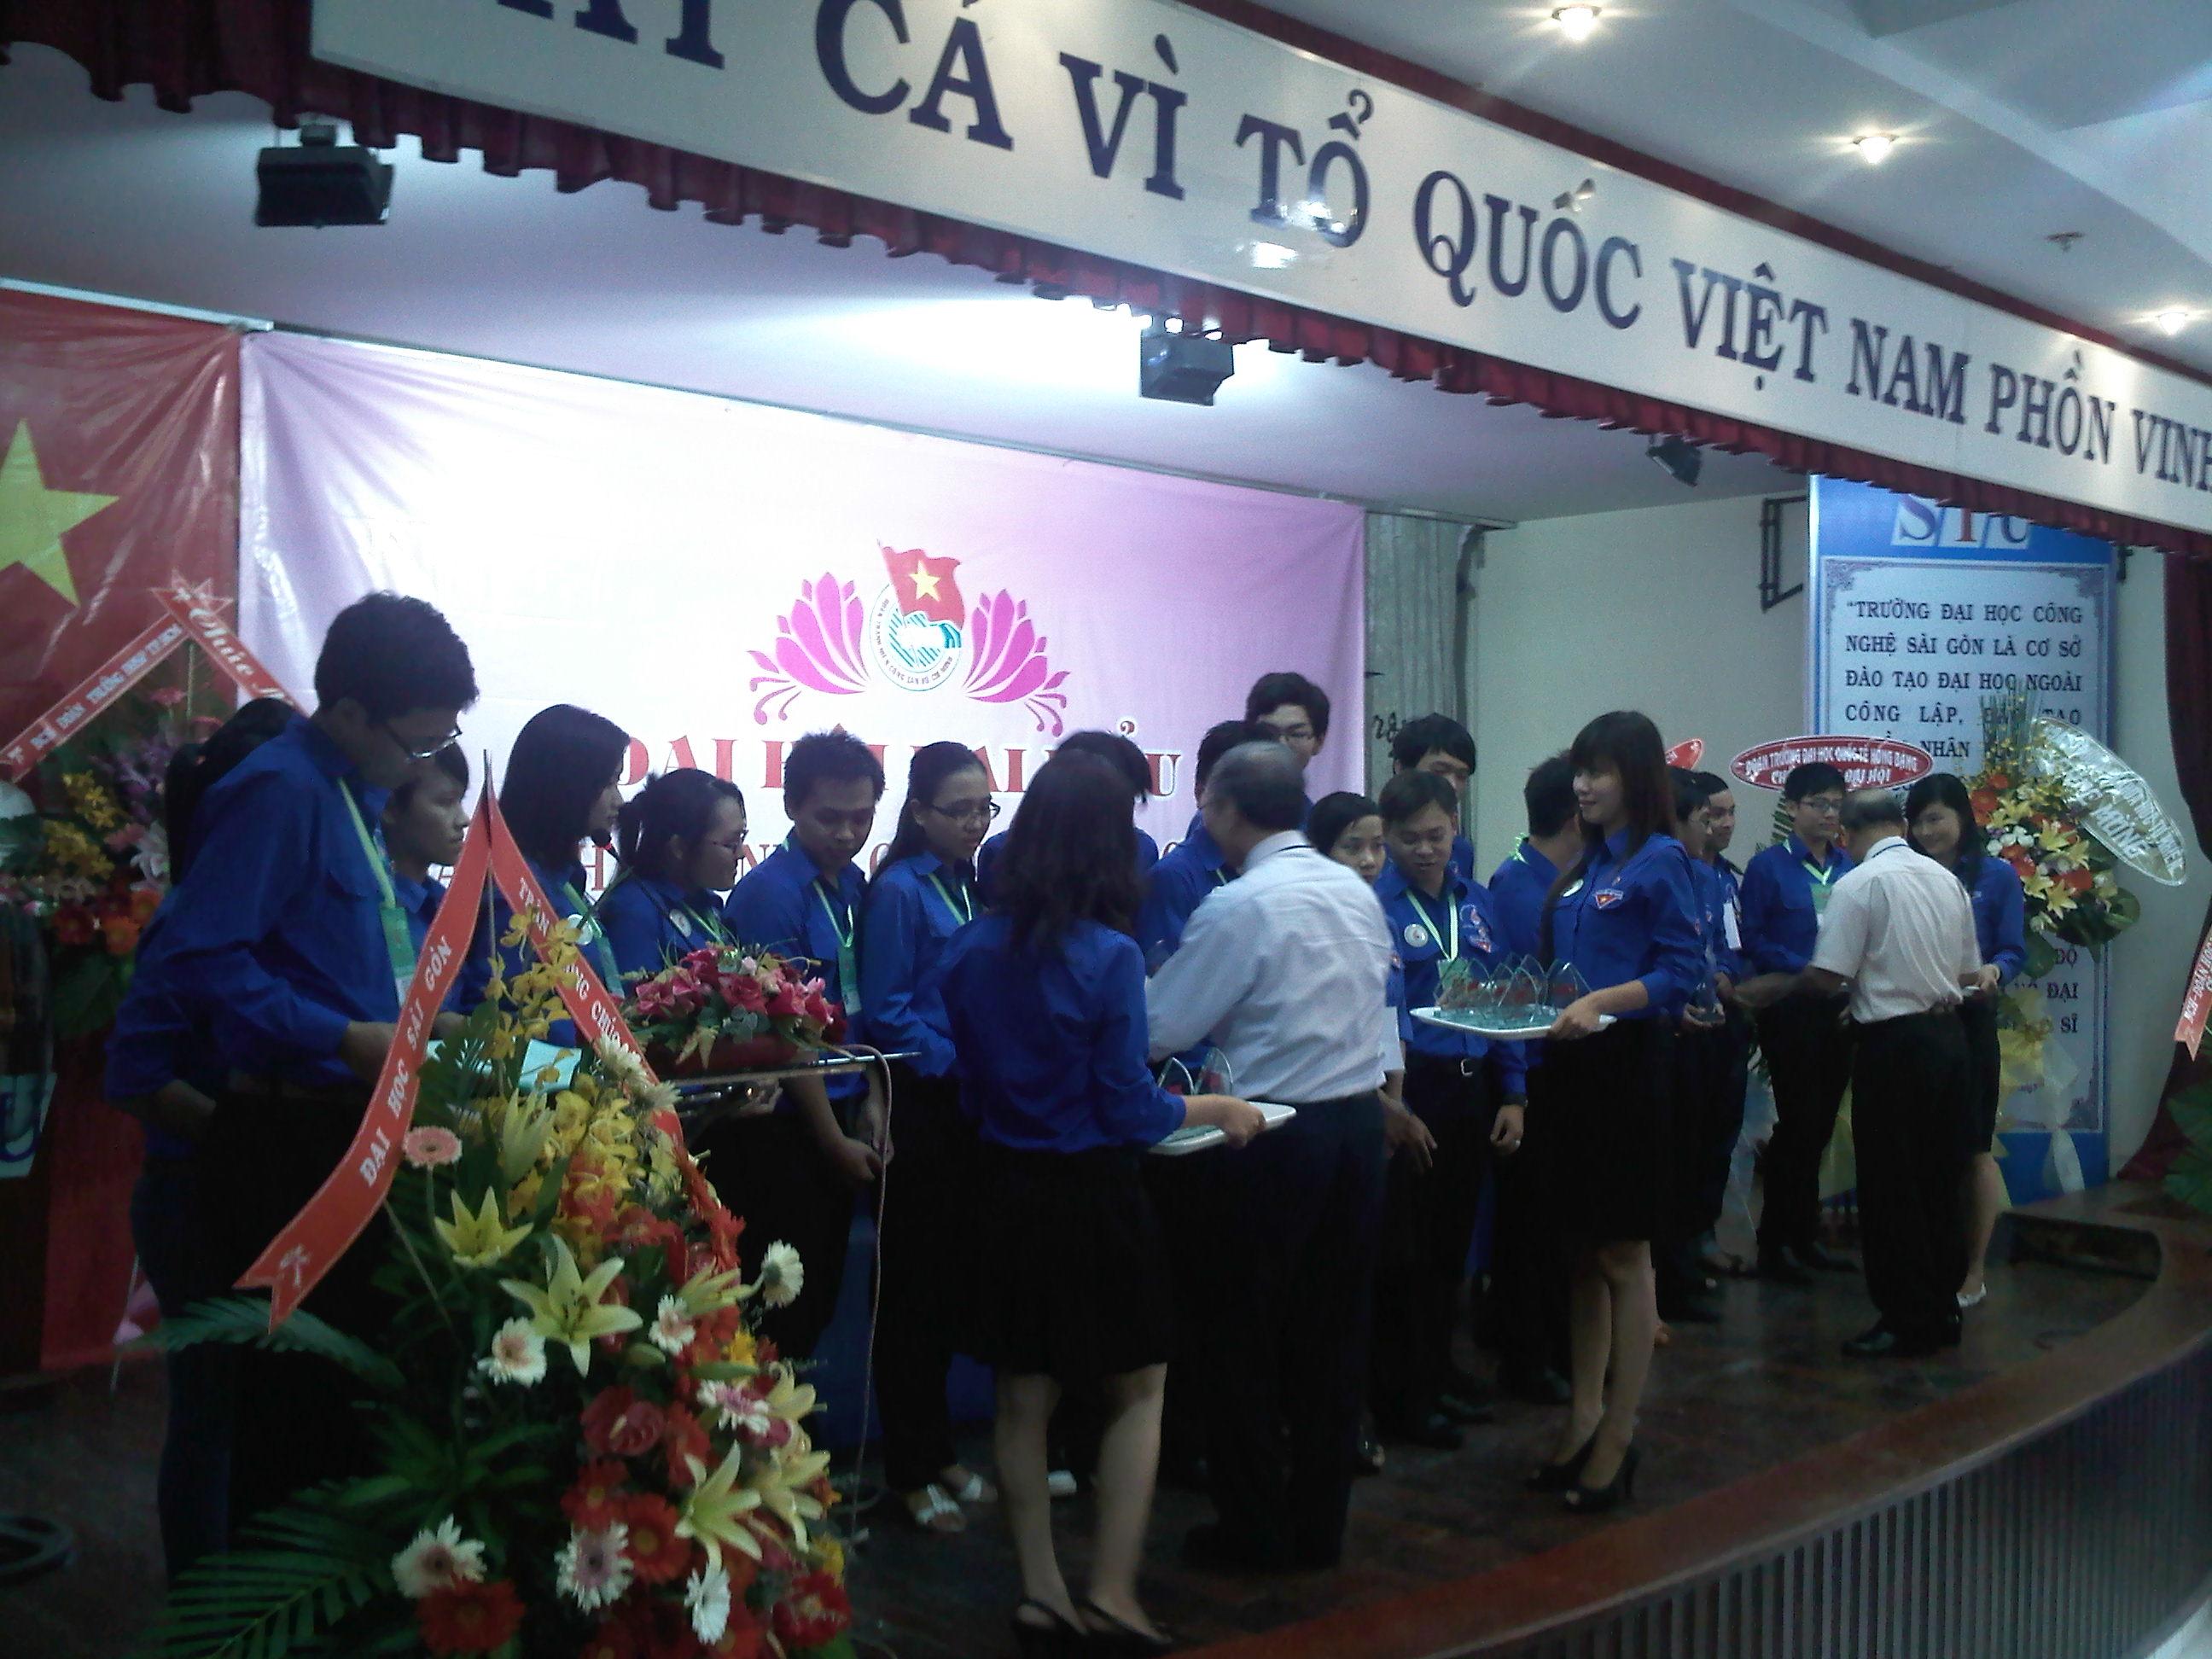 Đảng Ủy - Ban giám hiệu nhà trường tặng hoa và quà cho các đồng chí thôi không tham gia Ban Chấp hành nhiệm kỳ VI